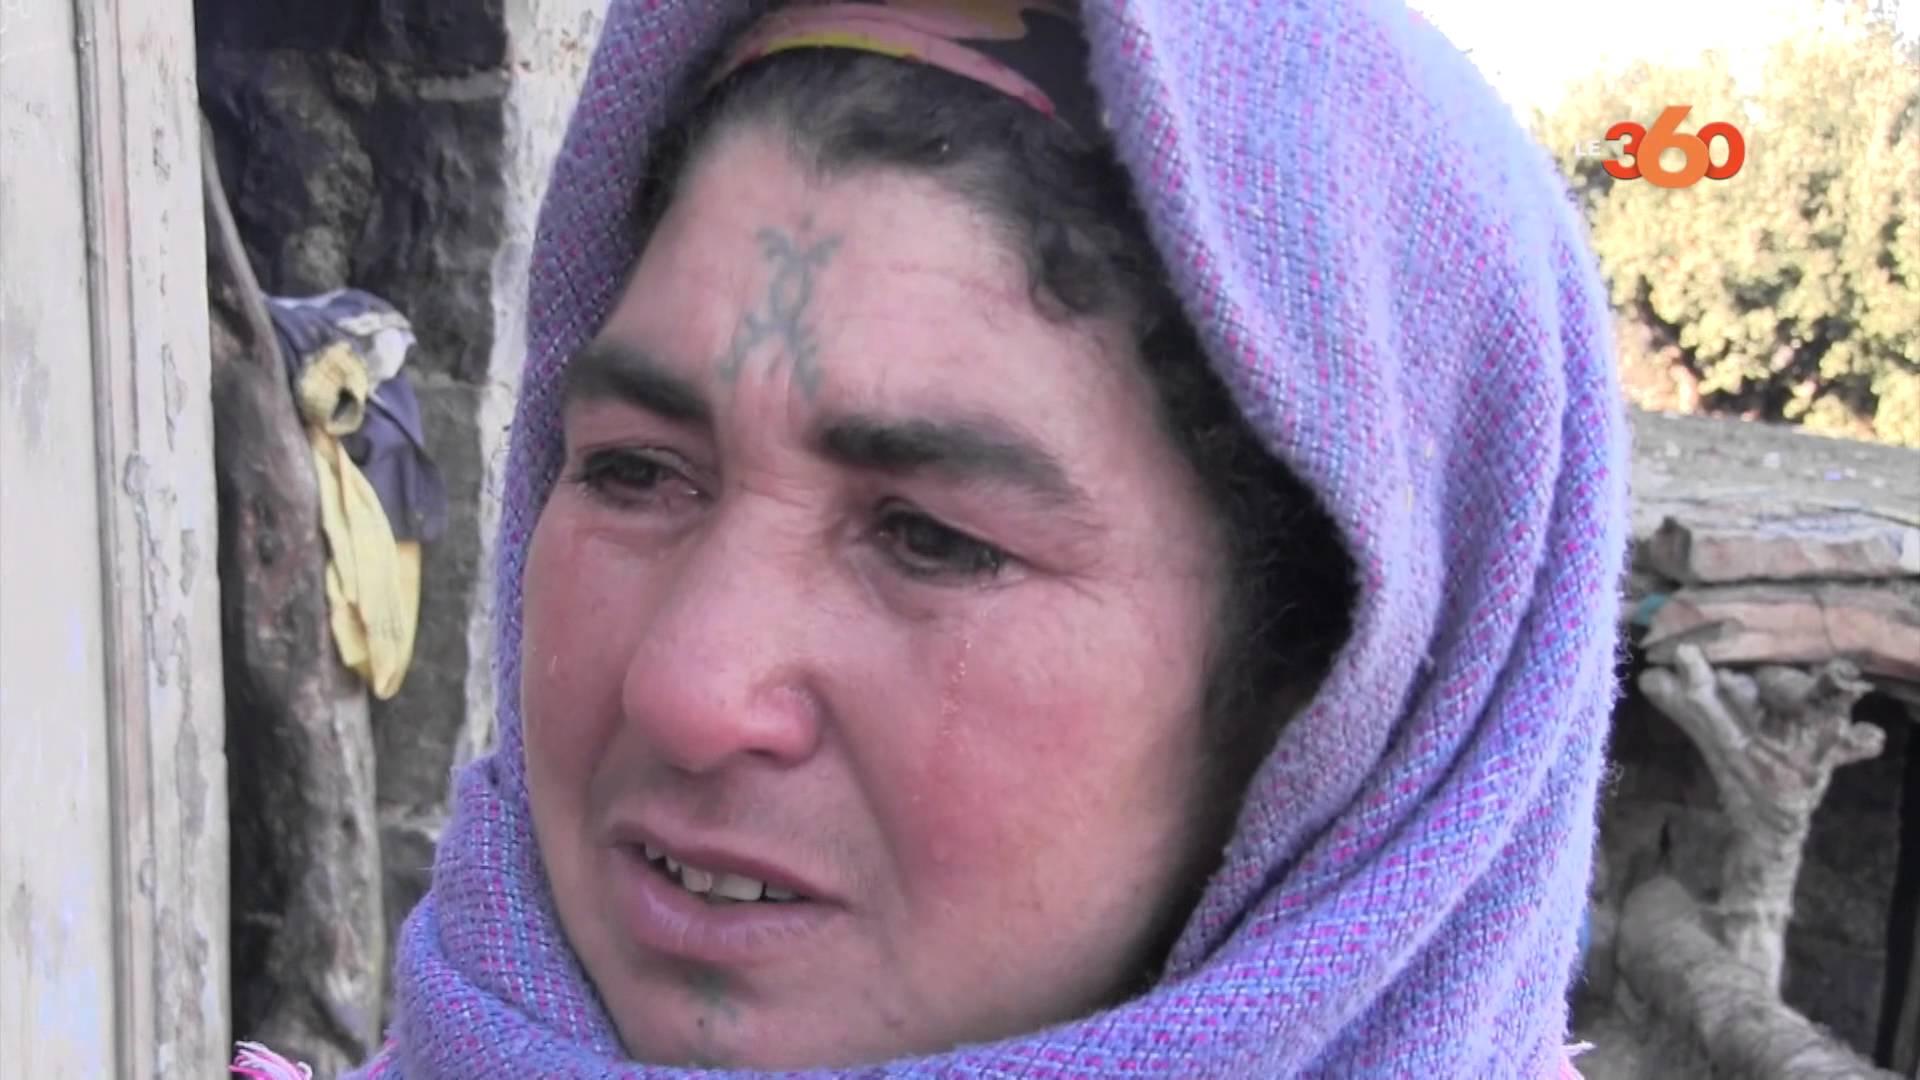 La soffrance des Amazighs sous l'occupation arabo musulmane معاناة سكان الأطلس مع تساقط الثلوج